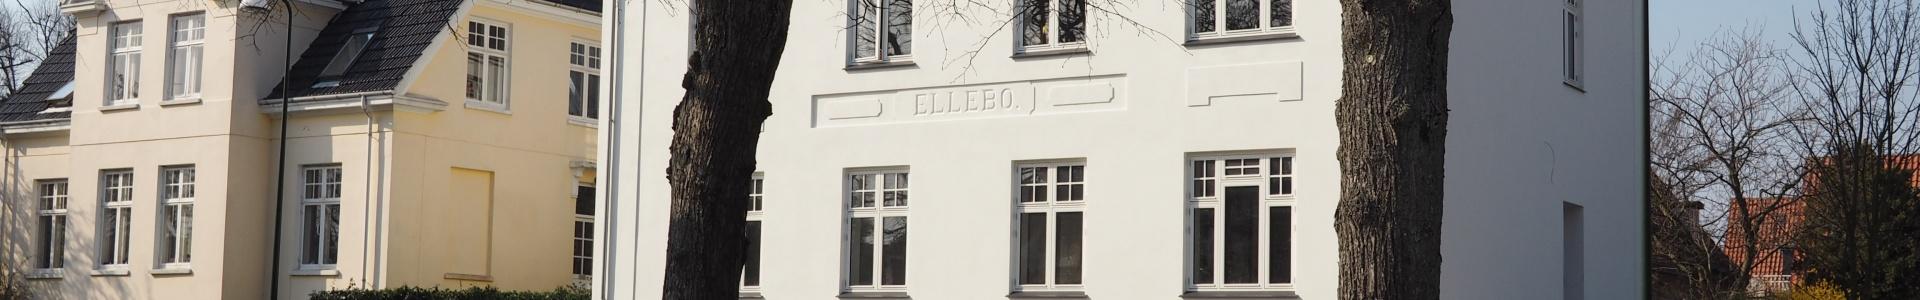 Lejlighed leje lejelejlighed lejebolig Frederiksberg